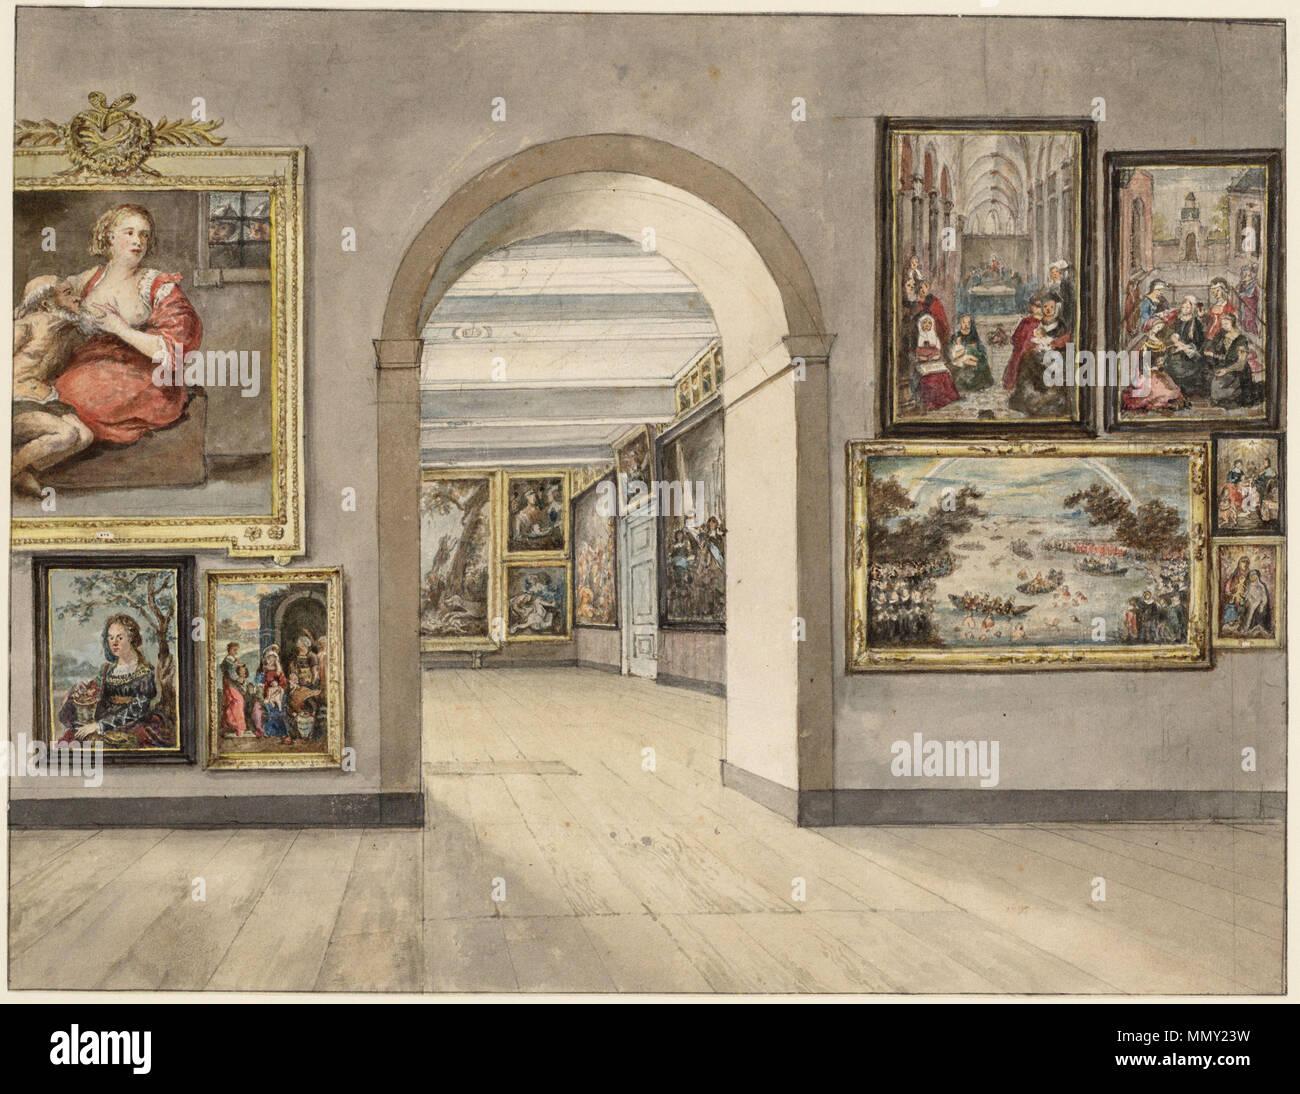 Trippenhuis Stockfotos & Trippenhuis Bilder - Alamy